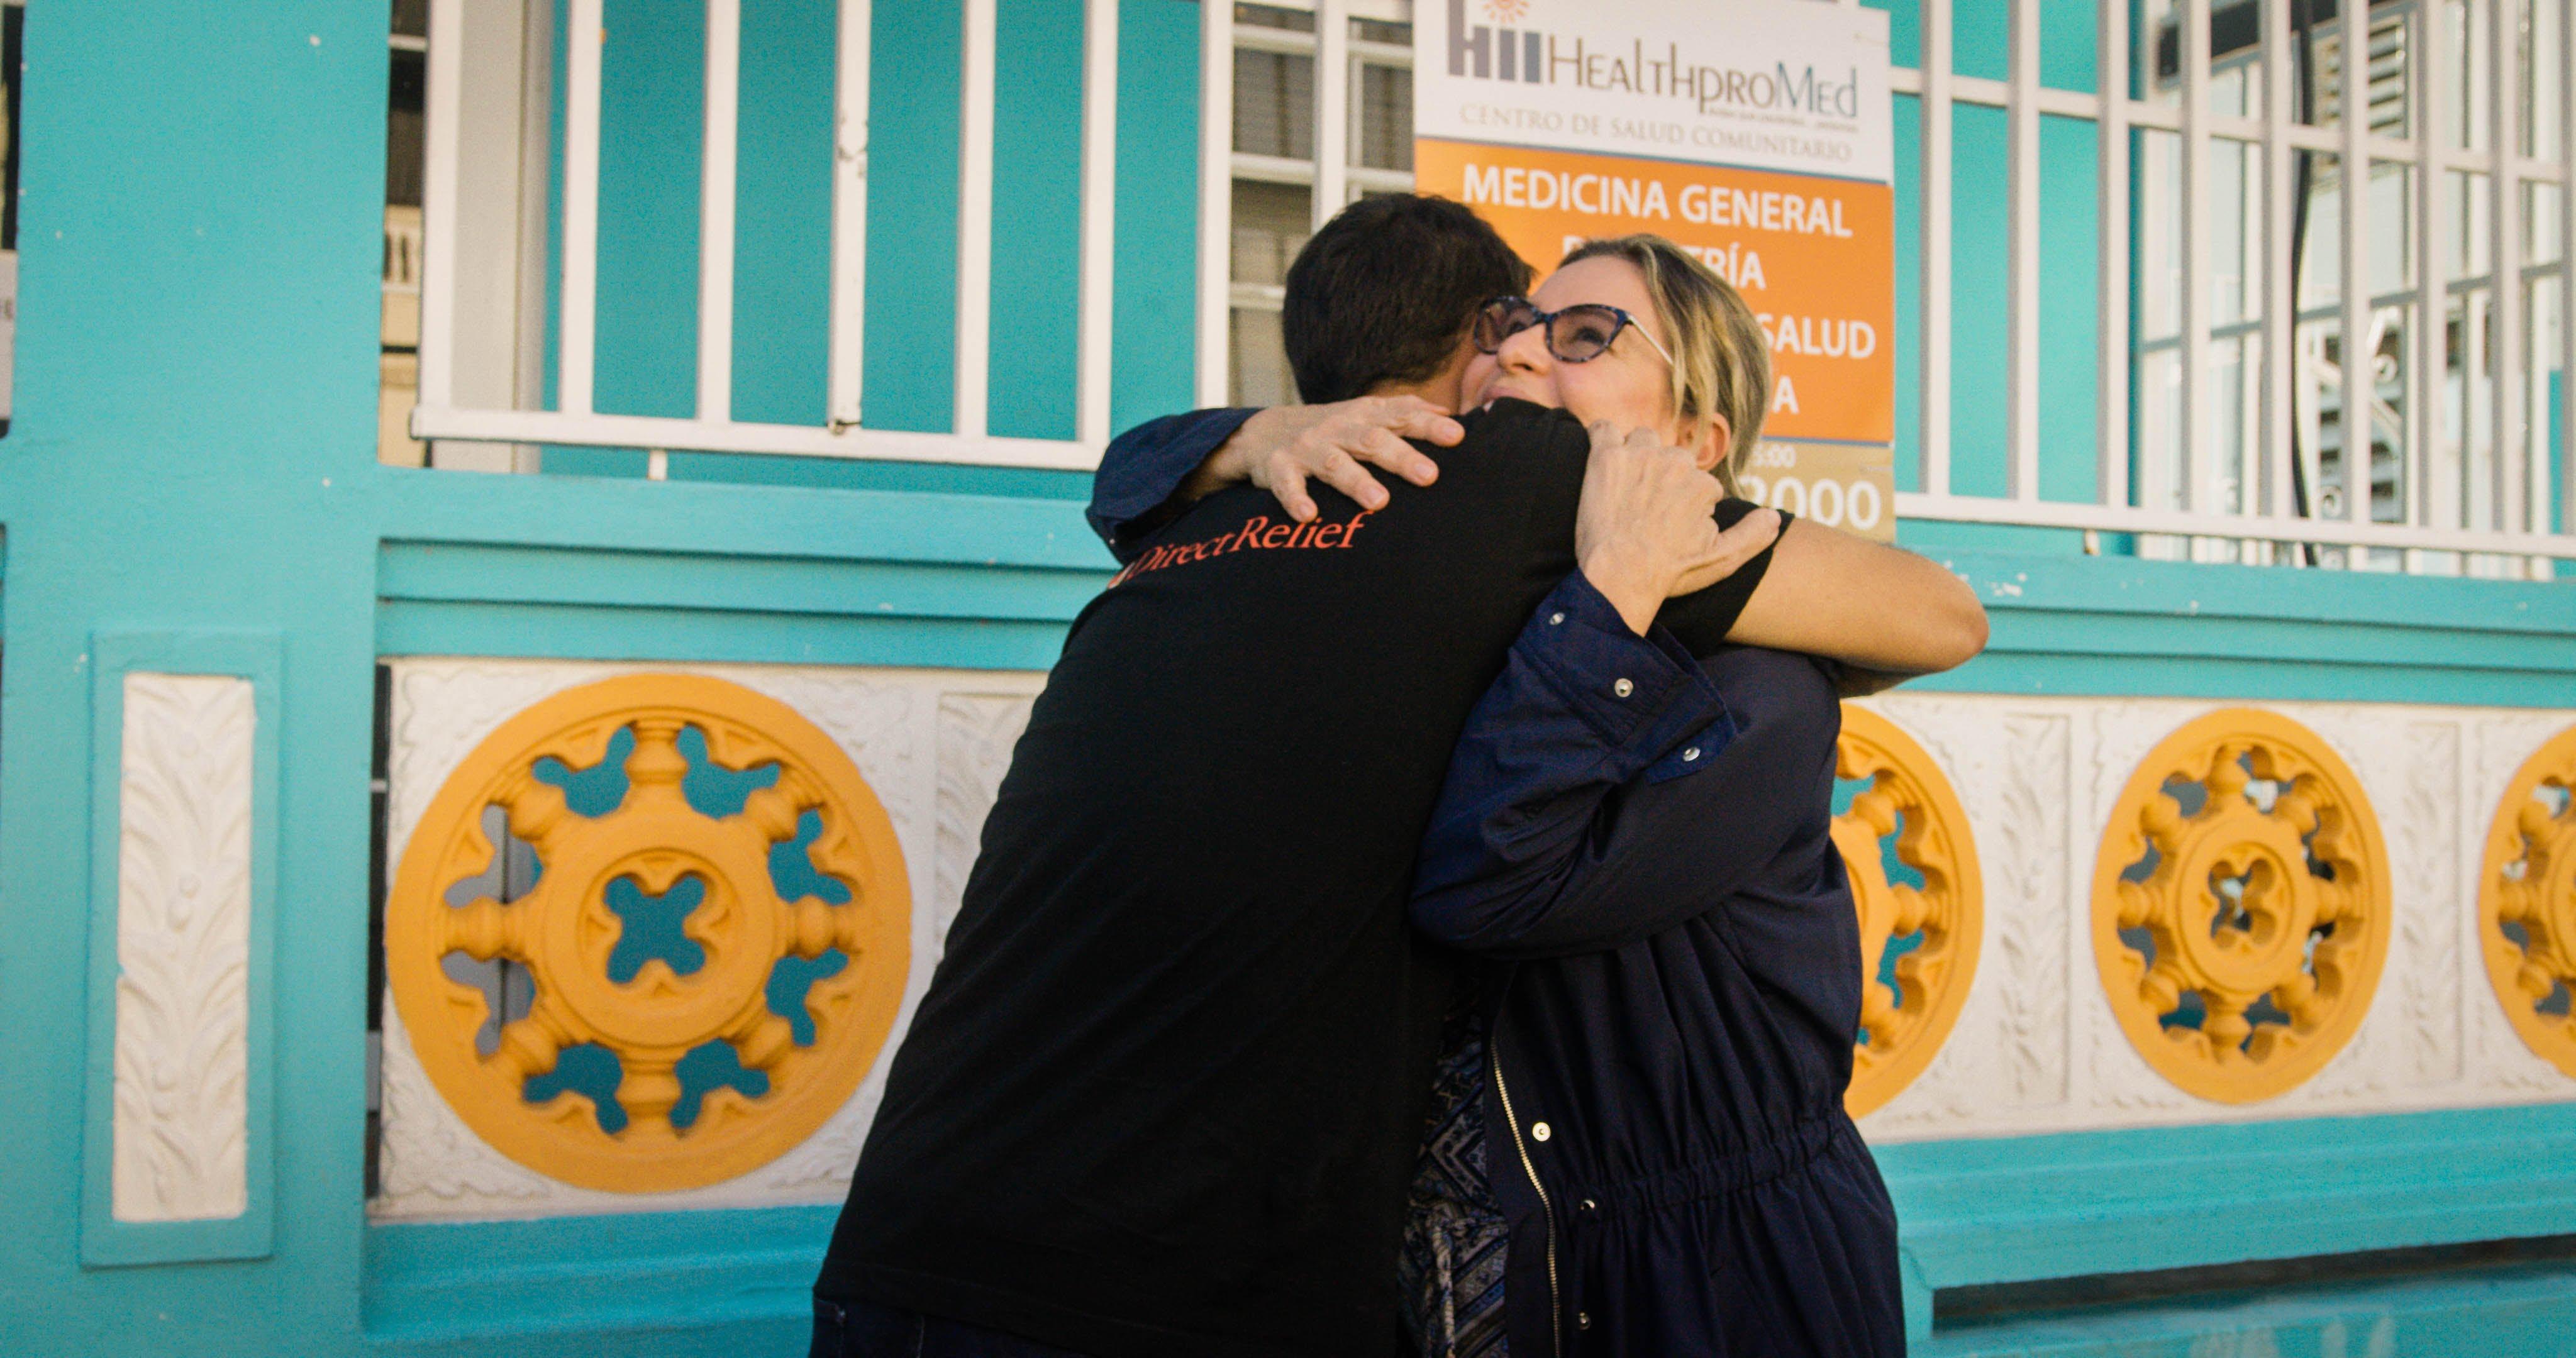 La asistencia médica de emergencia llega a Health ProMed en Vieques, una isla que se encuentra a 80 millas al este de San Juan y que se vio especialmente afectada por el huracán María. (Foto de Bimarian Films para Direct Relief)